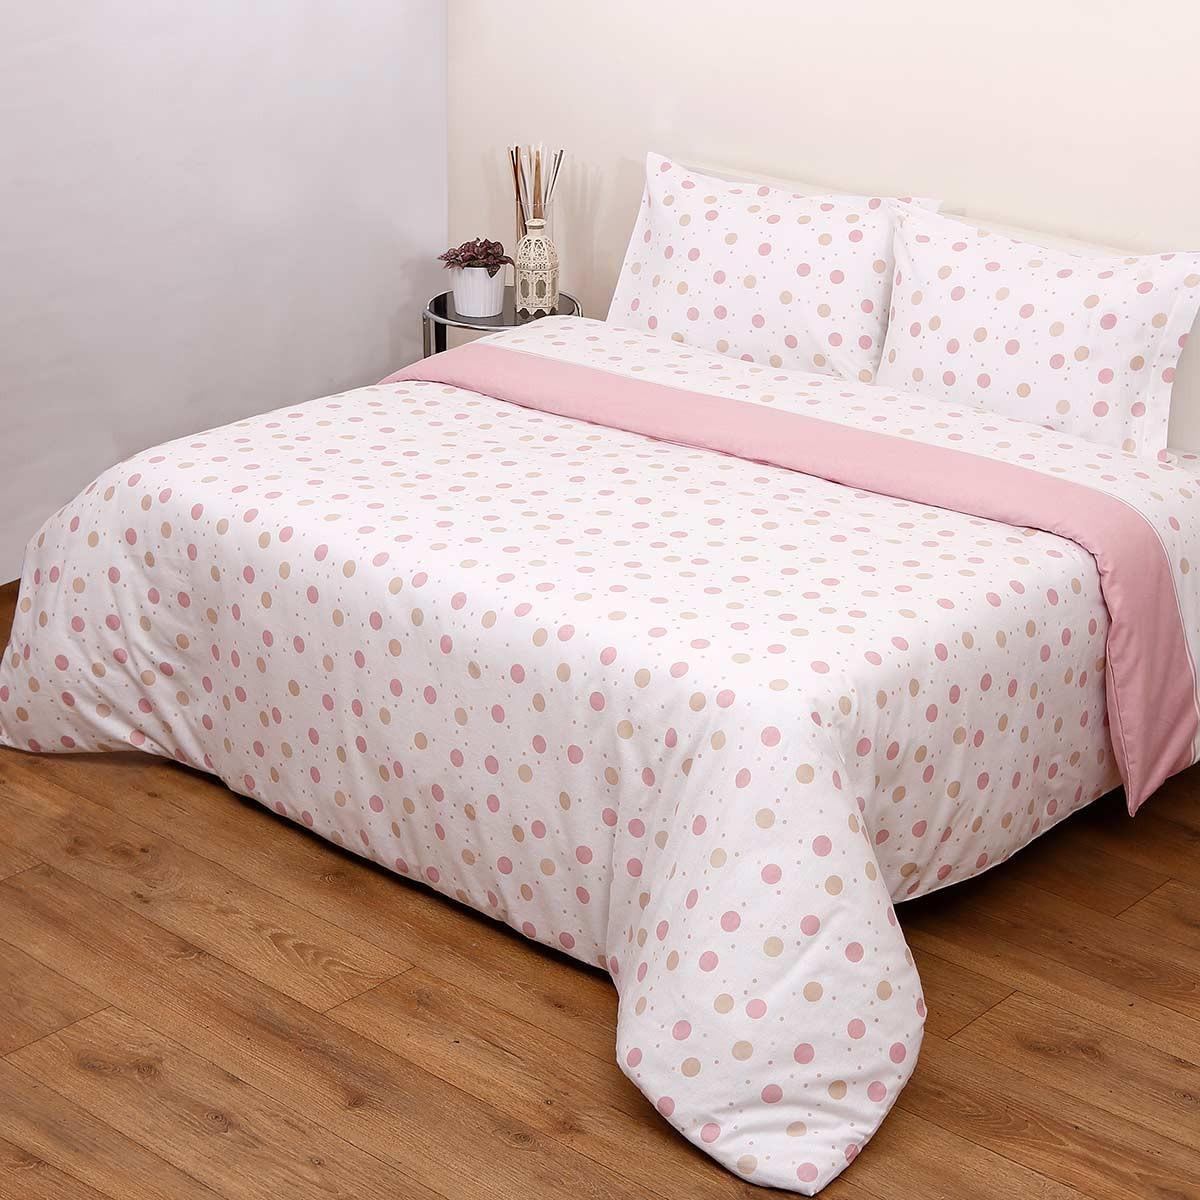 Φανελένια Σεντόνια Μονά (Σετ) Viopros 8692 Ροζ